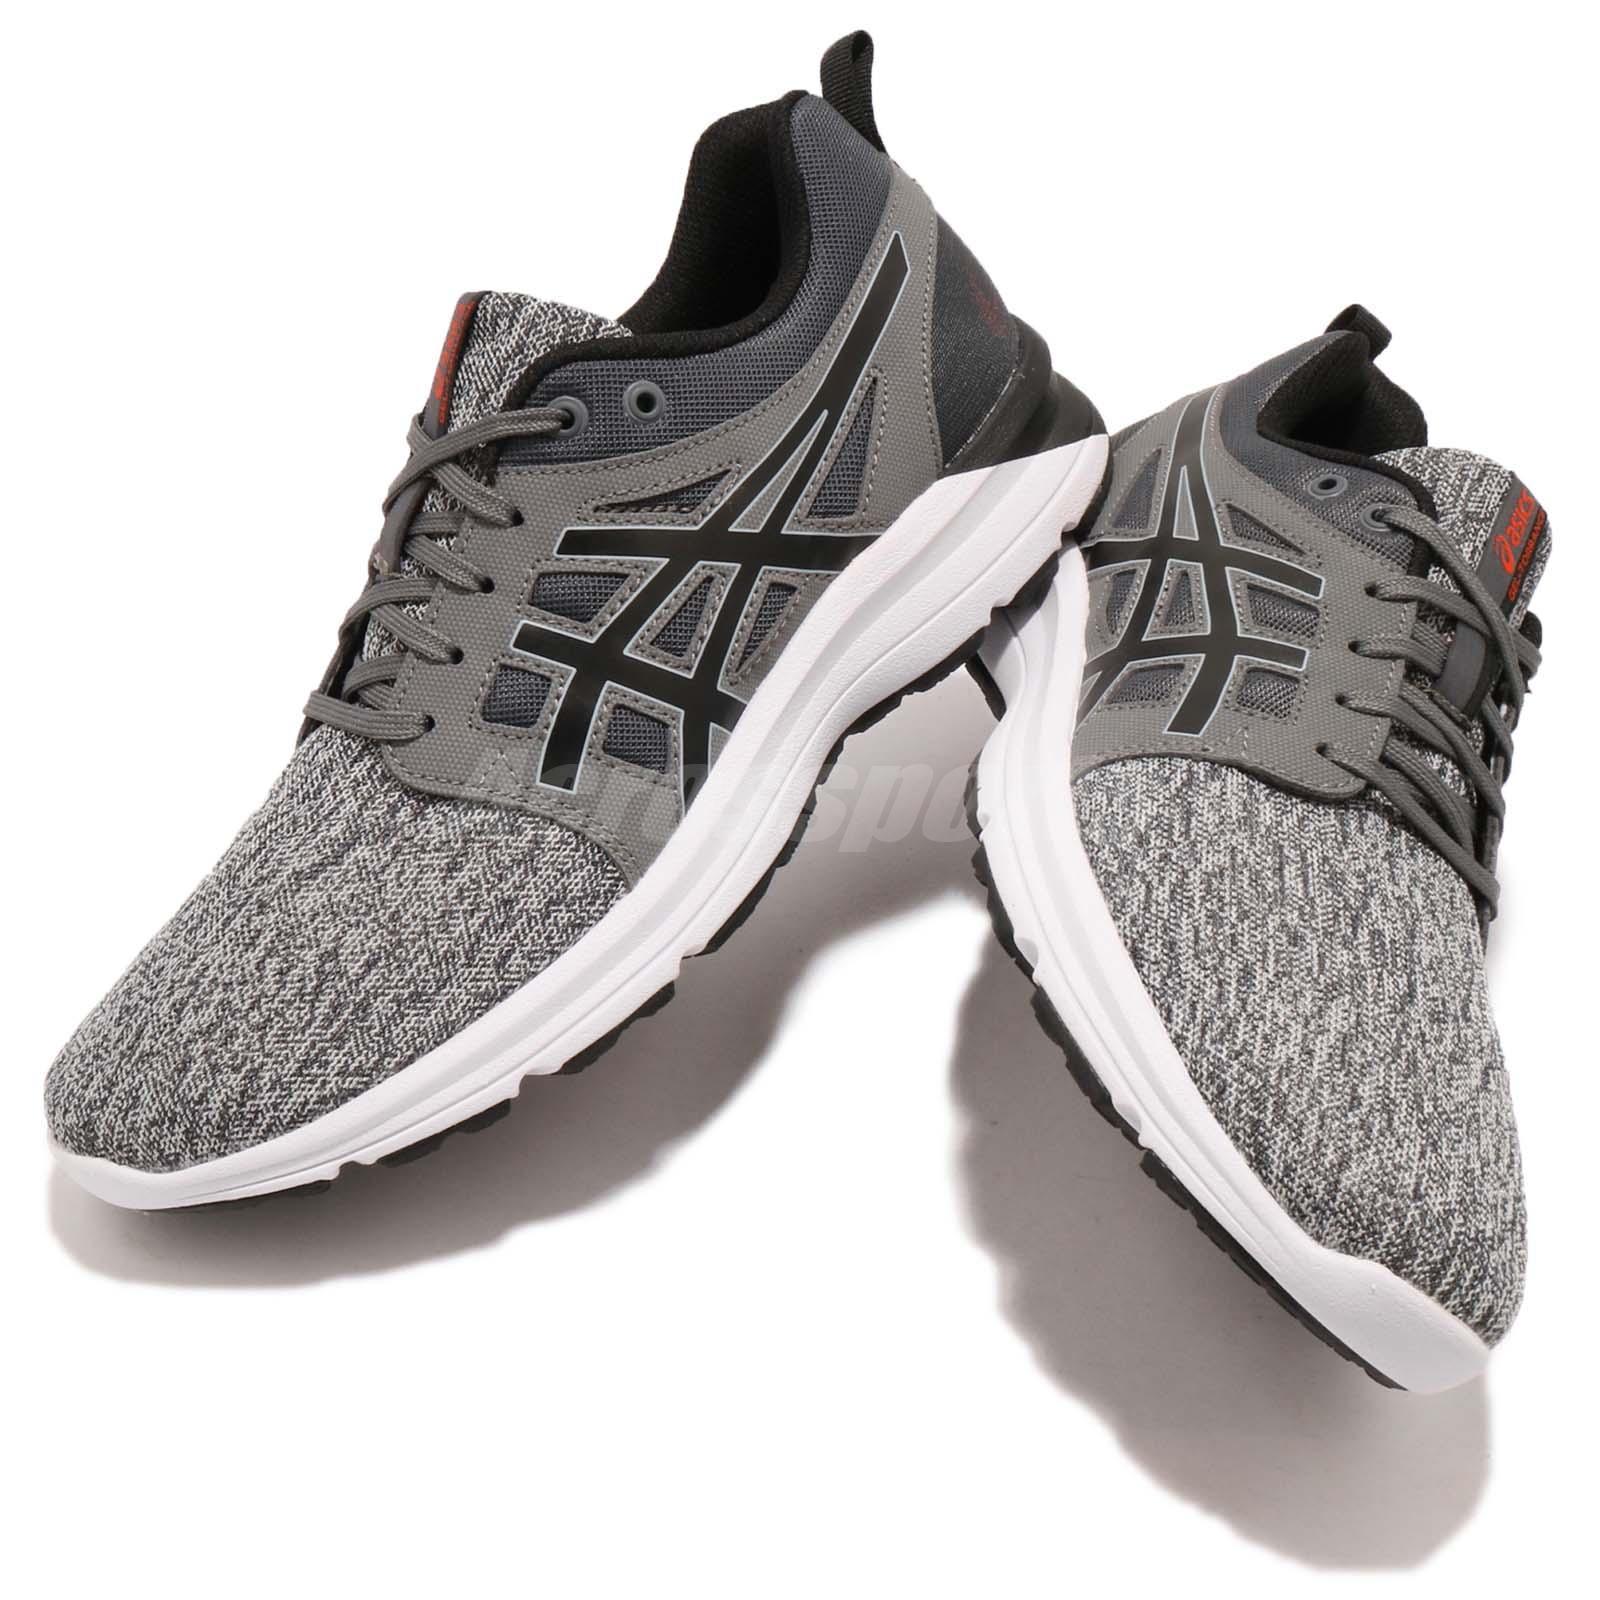 Asics Gel-Torrance Carbon Black White Men Running Shoes Sneakers T7J3N-9790 Shoes Fitness, Running & Yoga